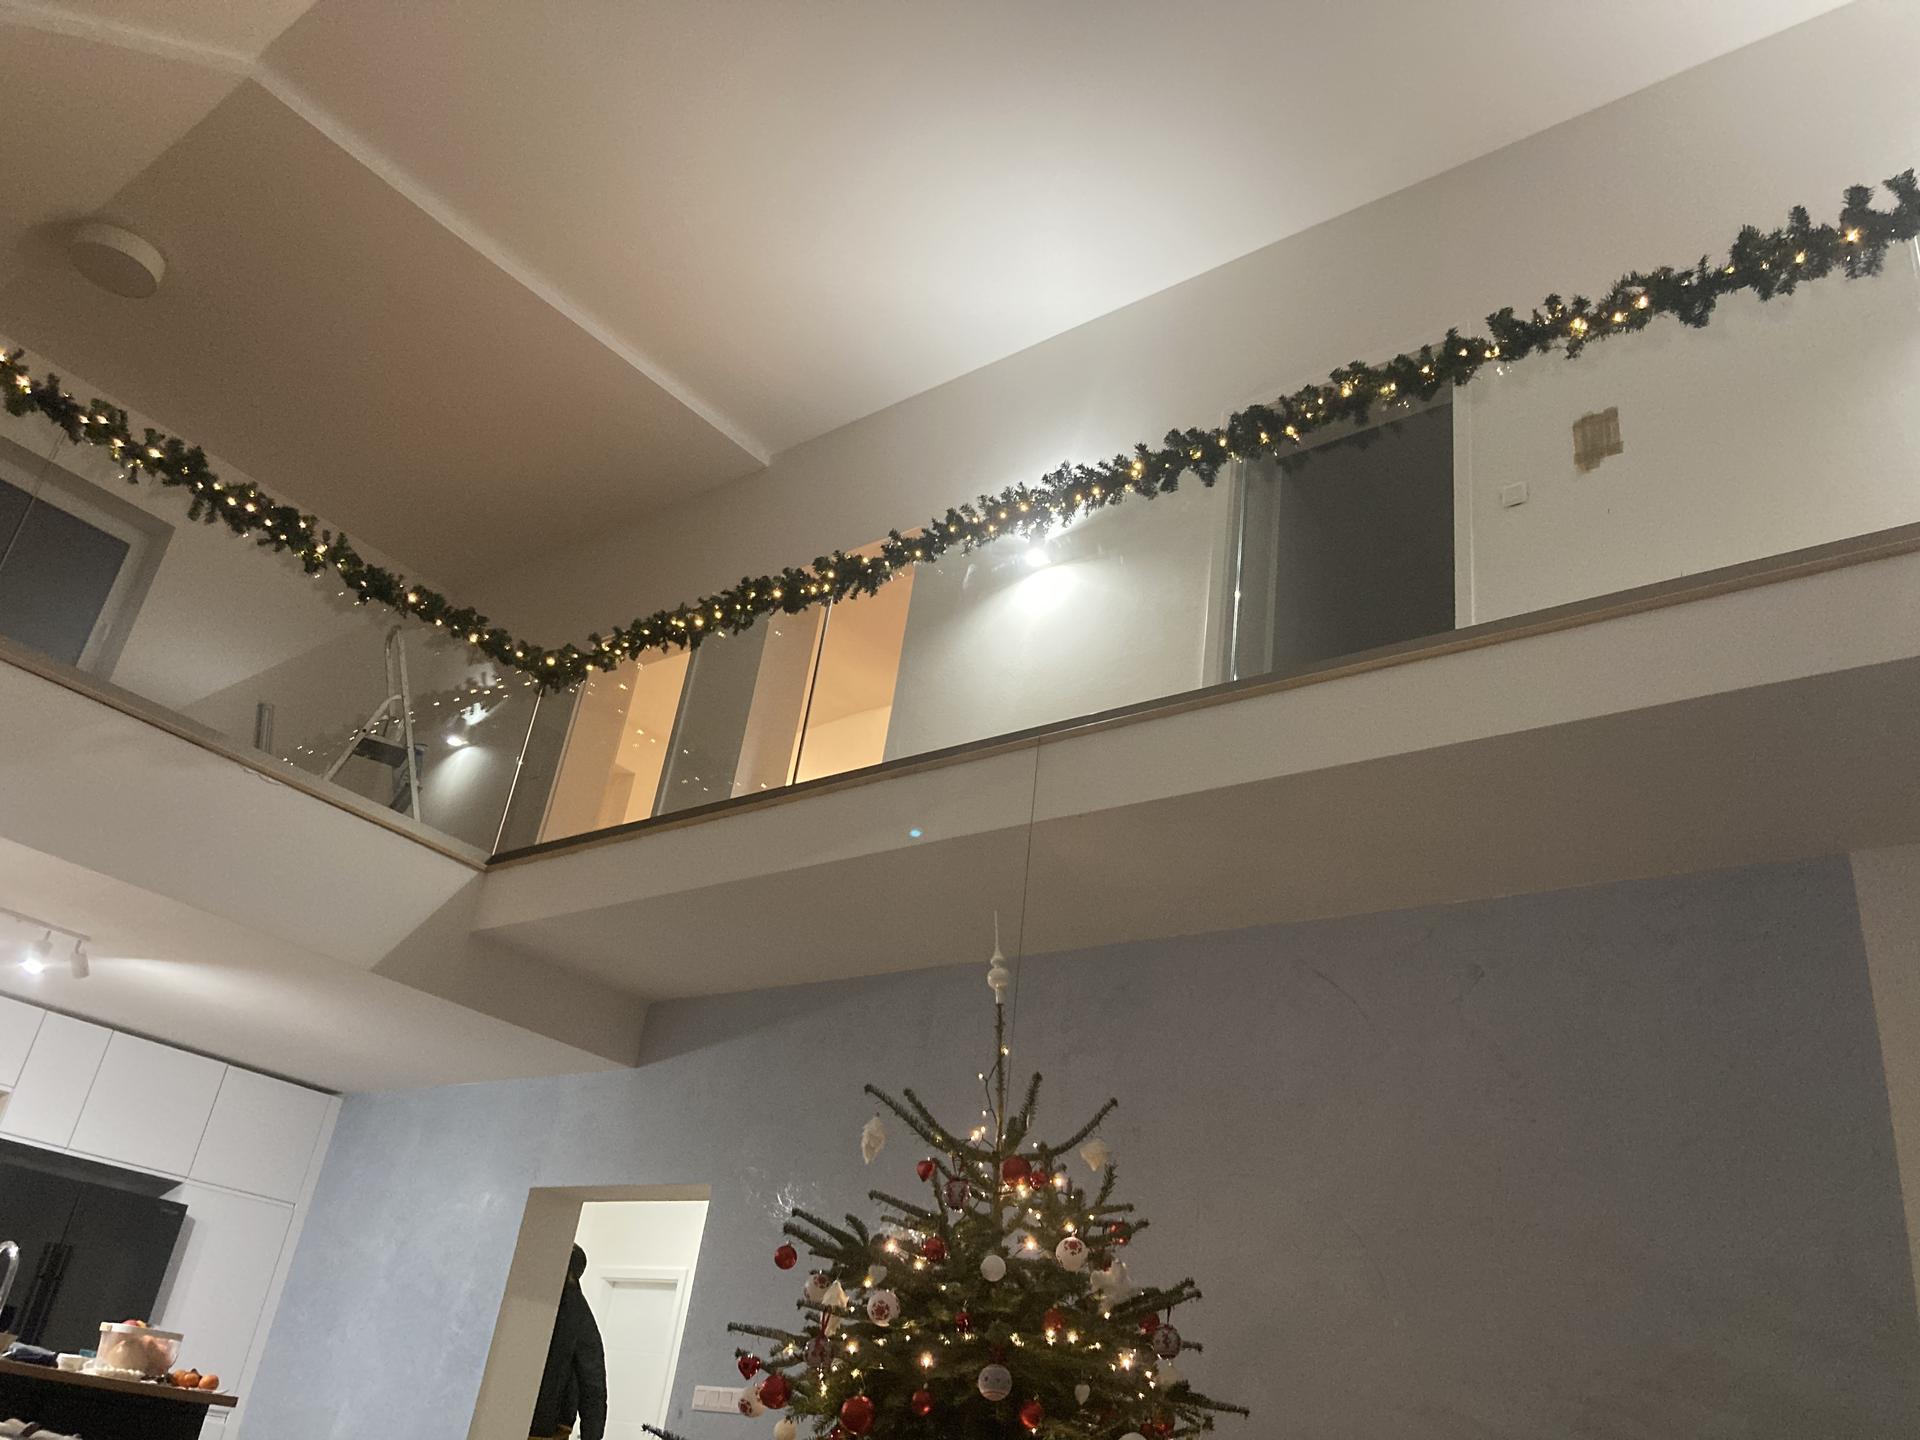 Najviac som sa tešila na toto zábradlie a Vianočnú vyzdobu :) - Obrázok č. 2